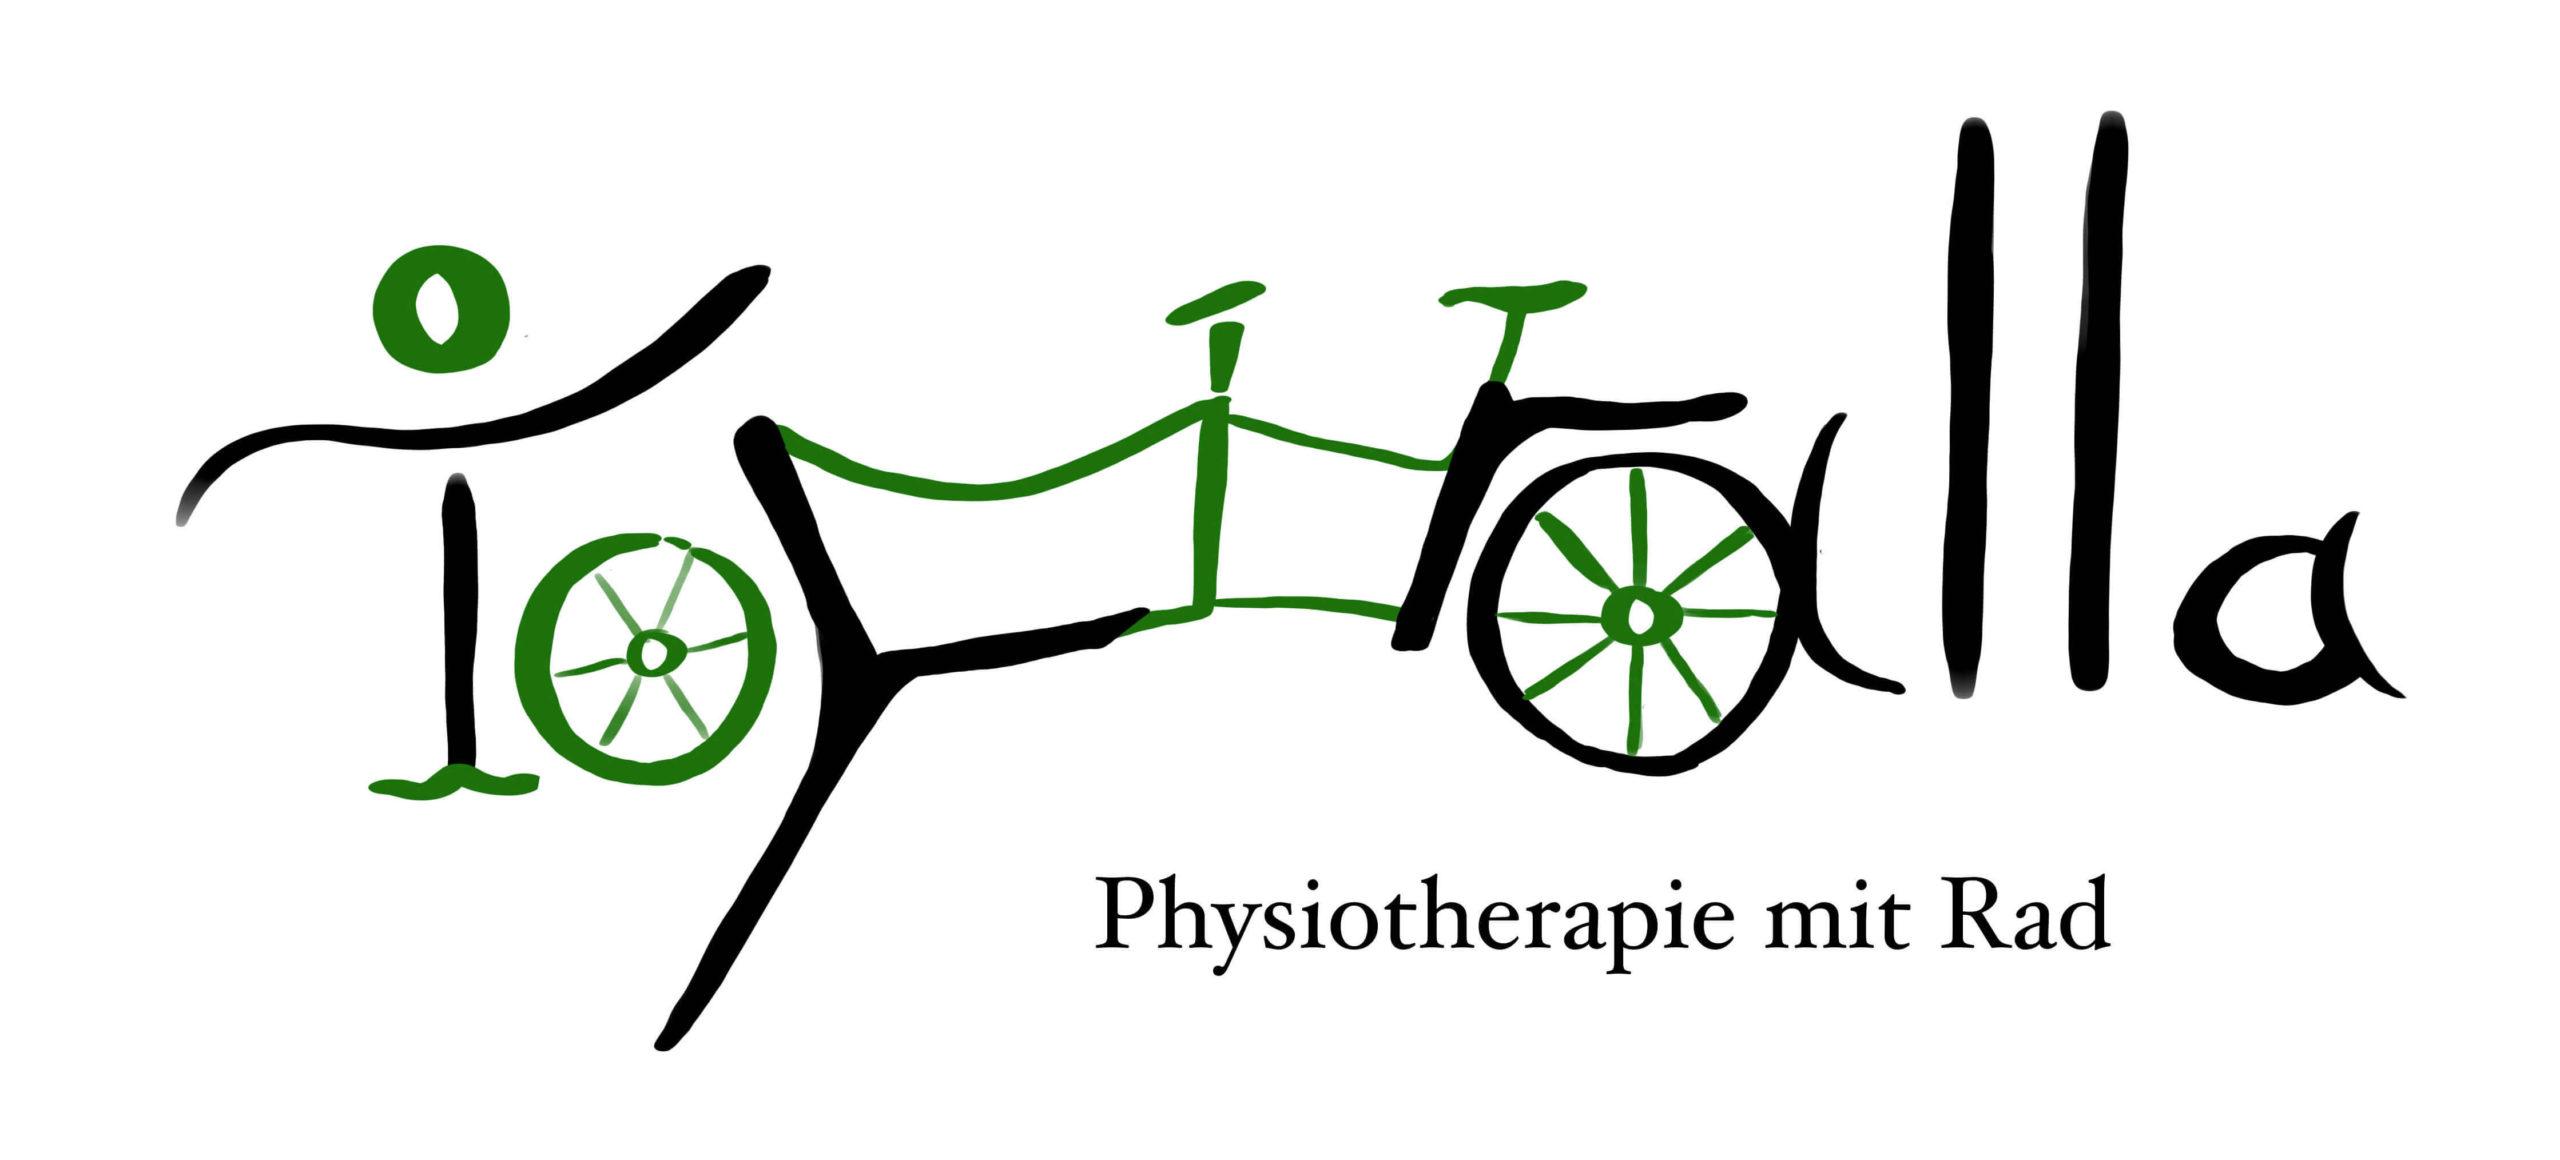 Tyralla Physiotherapie mit Rad